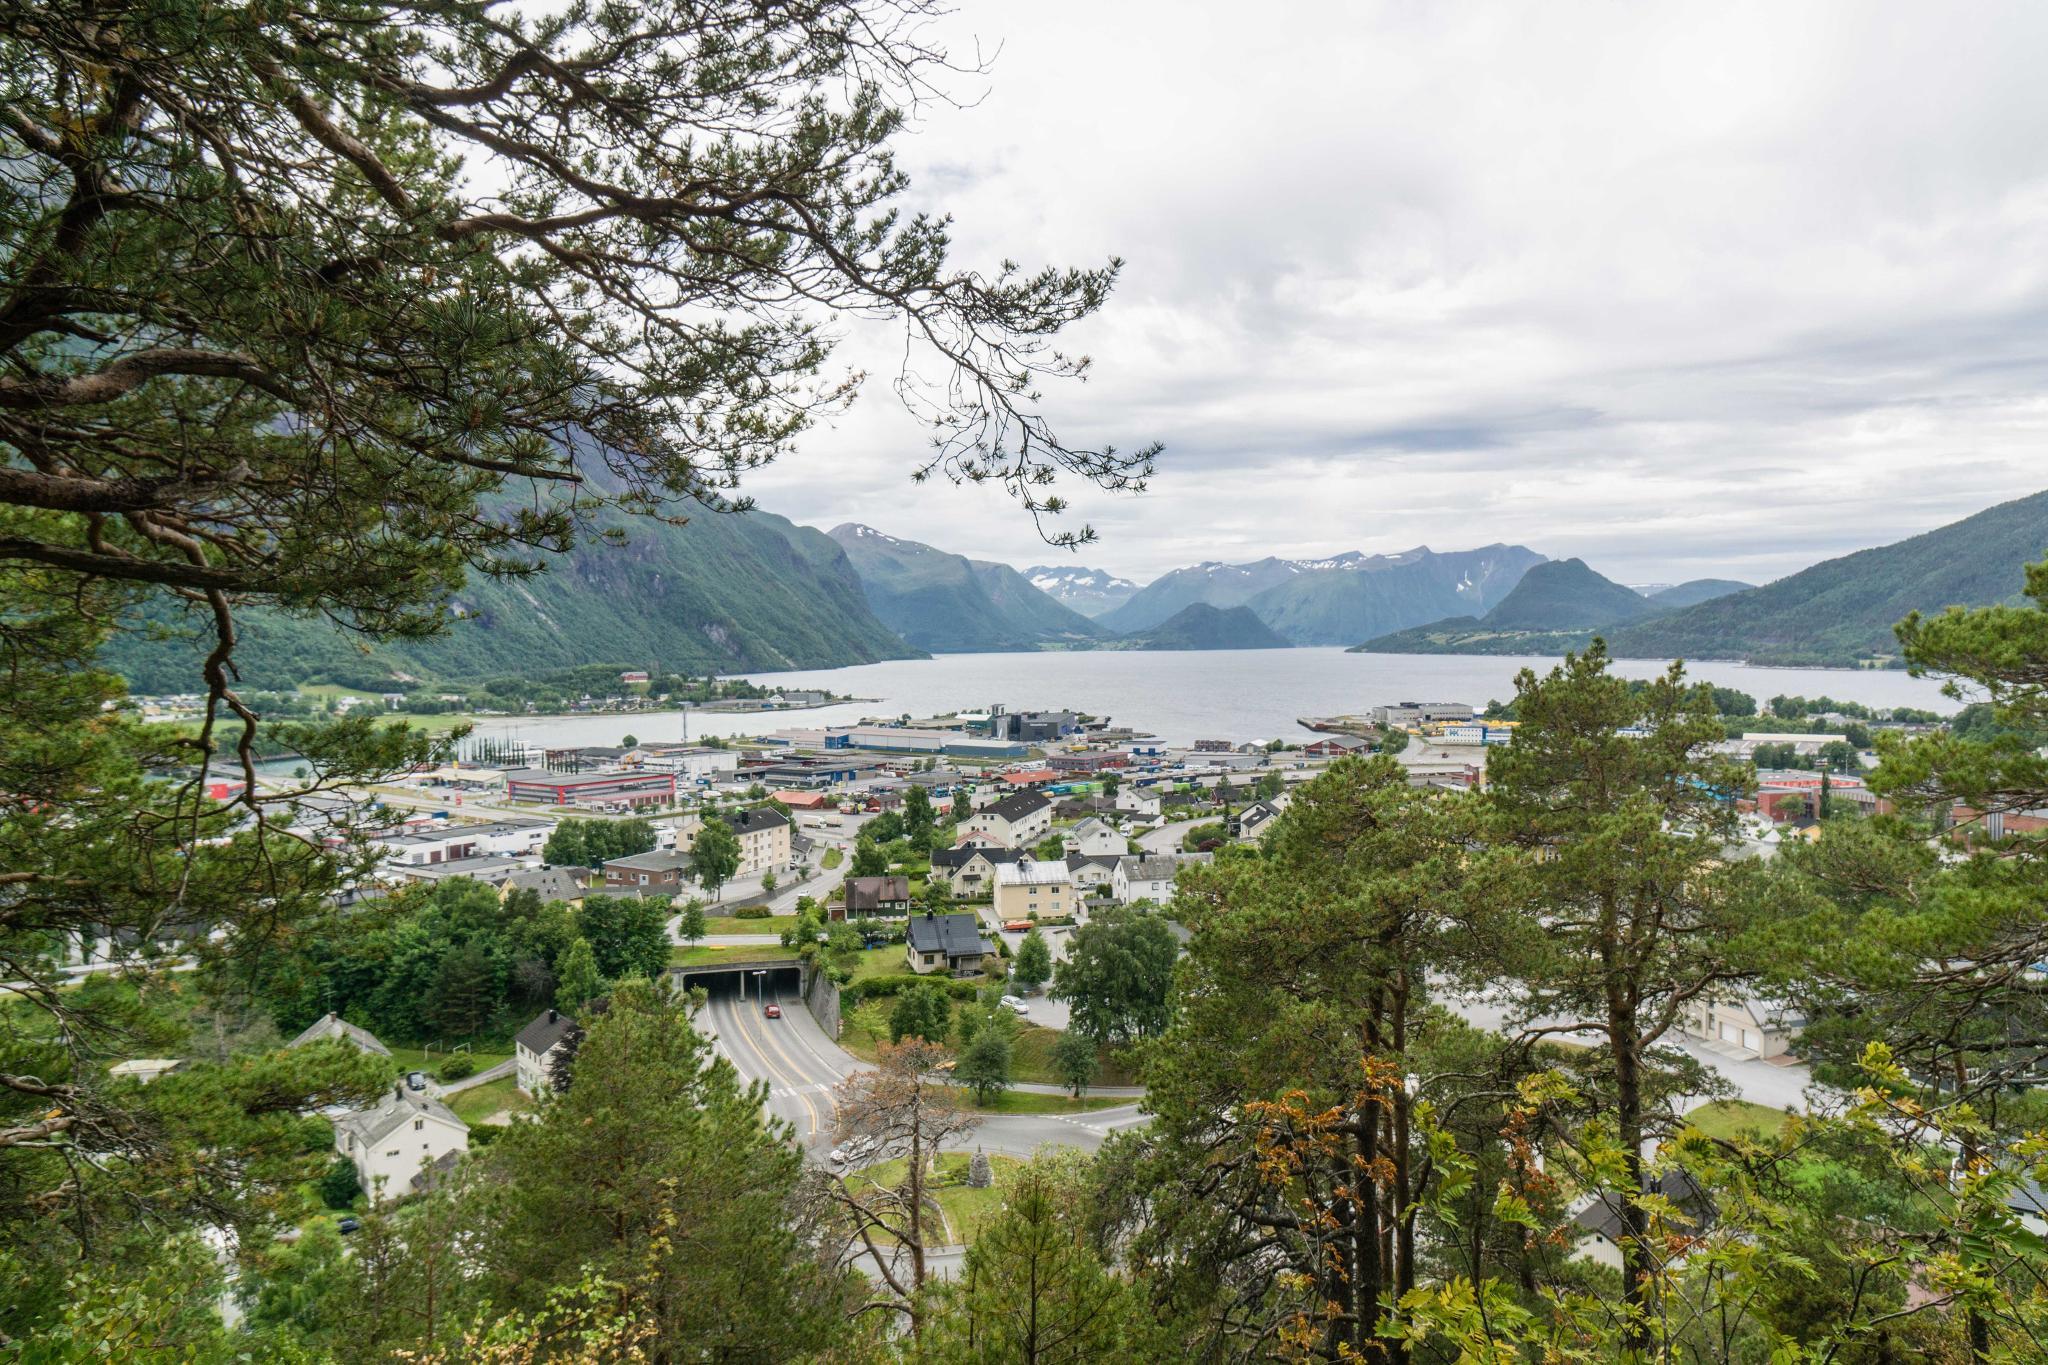 【北歐景點】峽灣區起點Åndalsnes健行 - 鳥瞰峽灣全景的Rampestreken觀景台 11